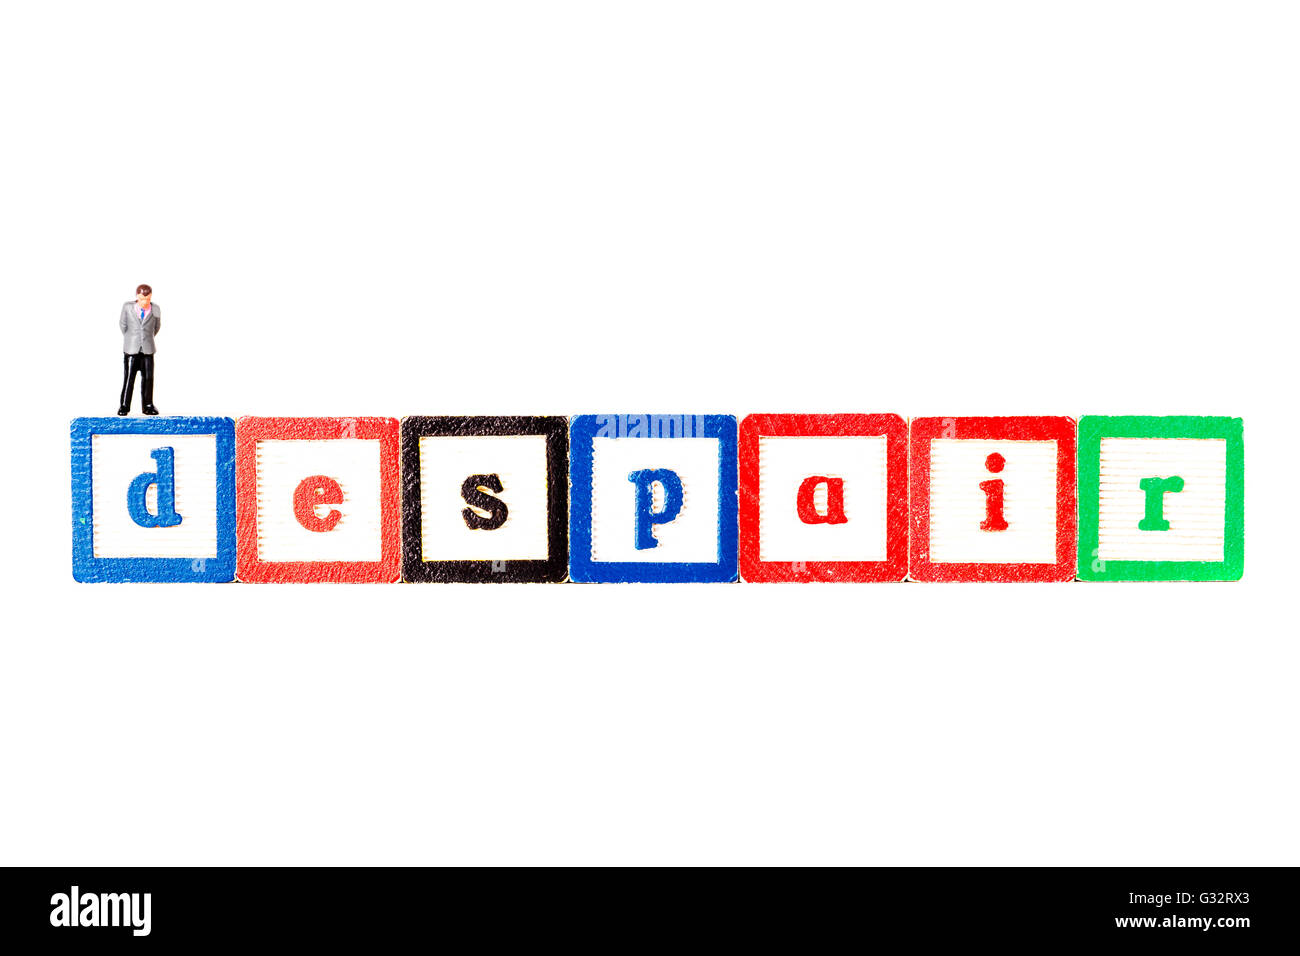 La desesperación de la pérdida completa o la ausencia de esperanza, la desesperanza, la desesperación Imagen De Stock